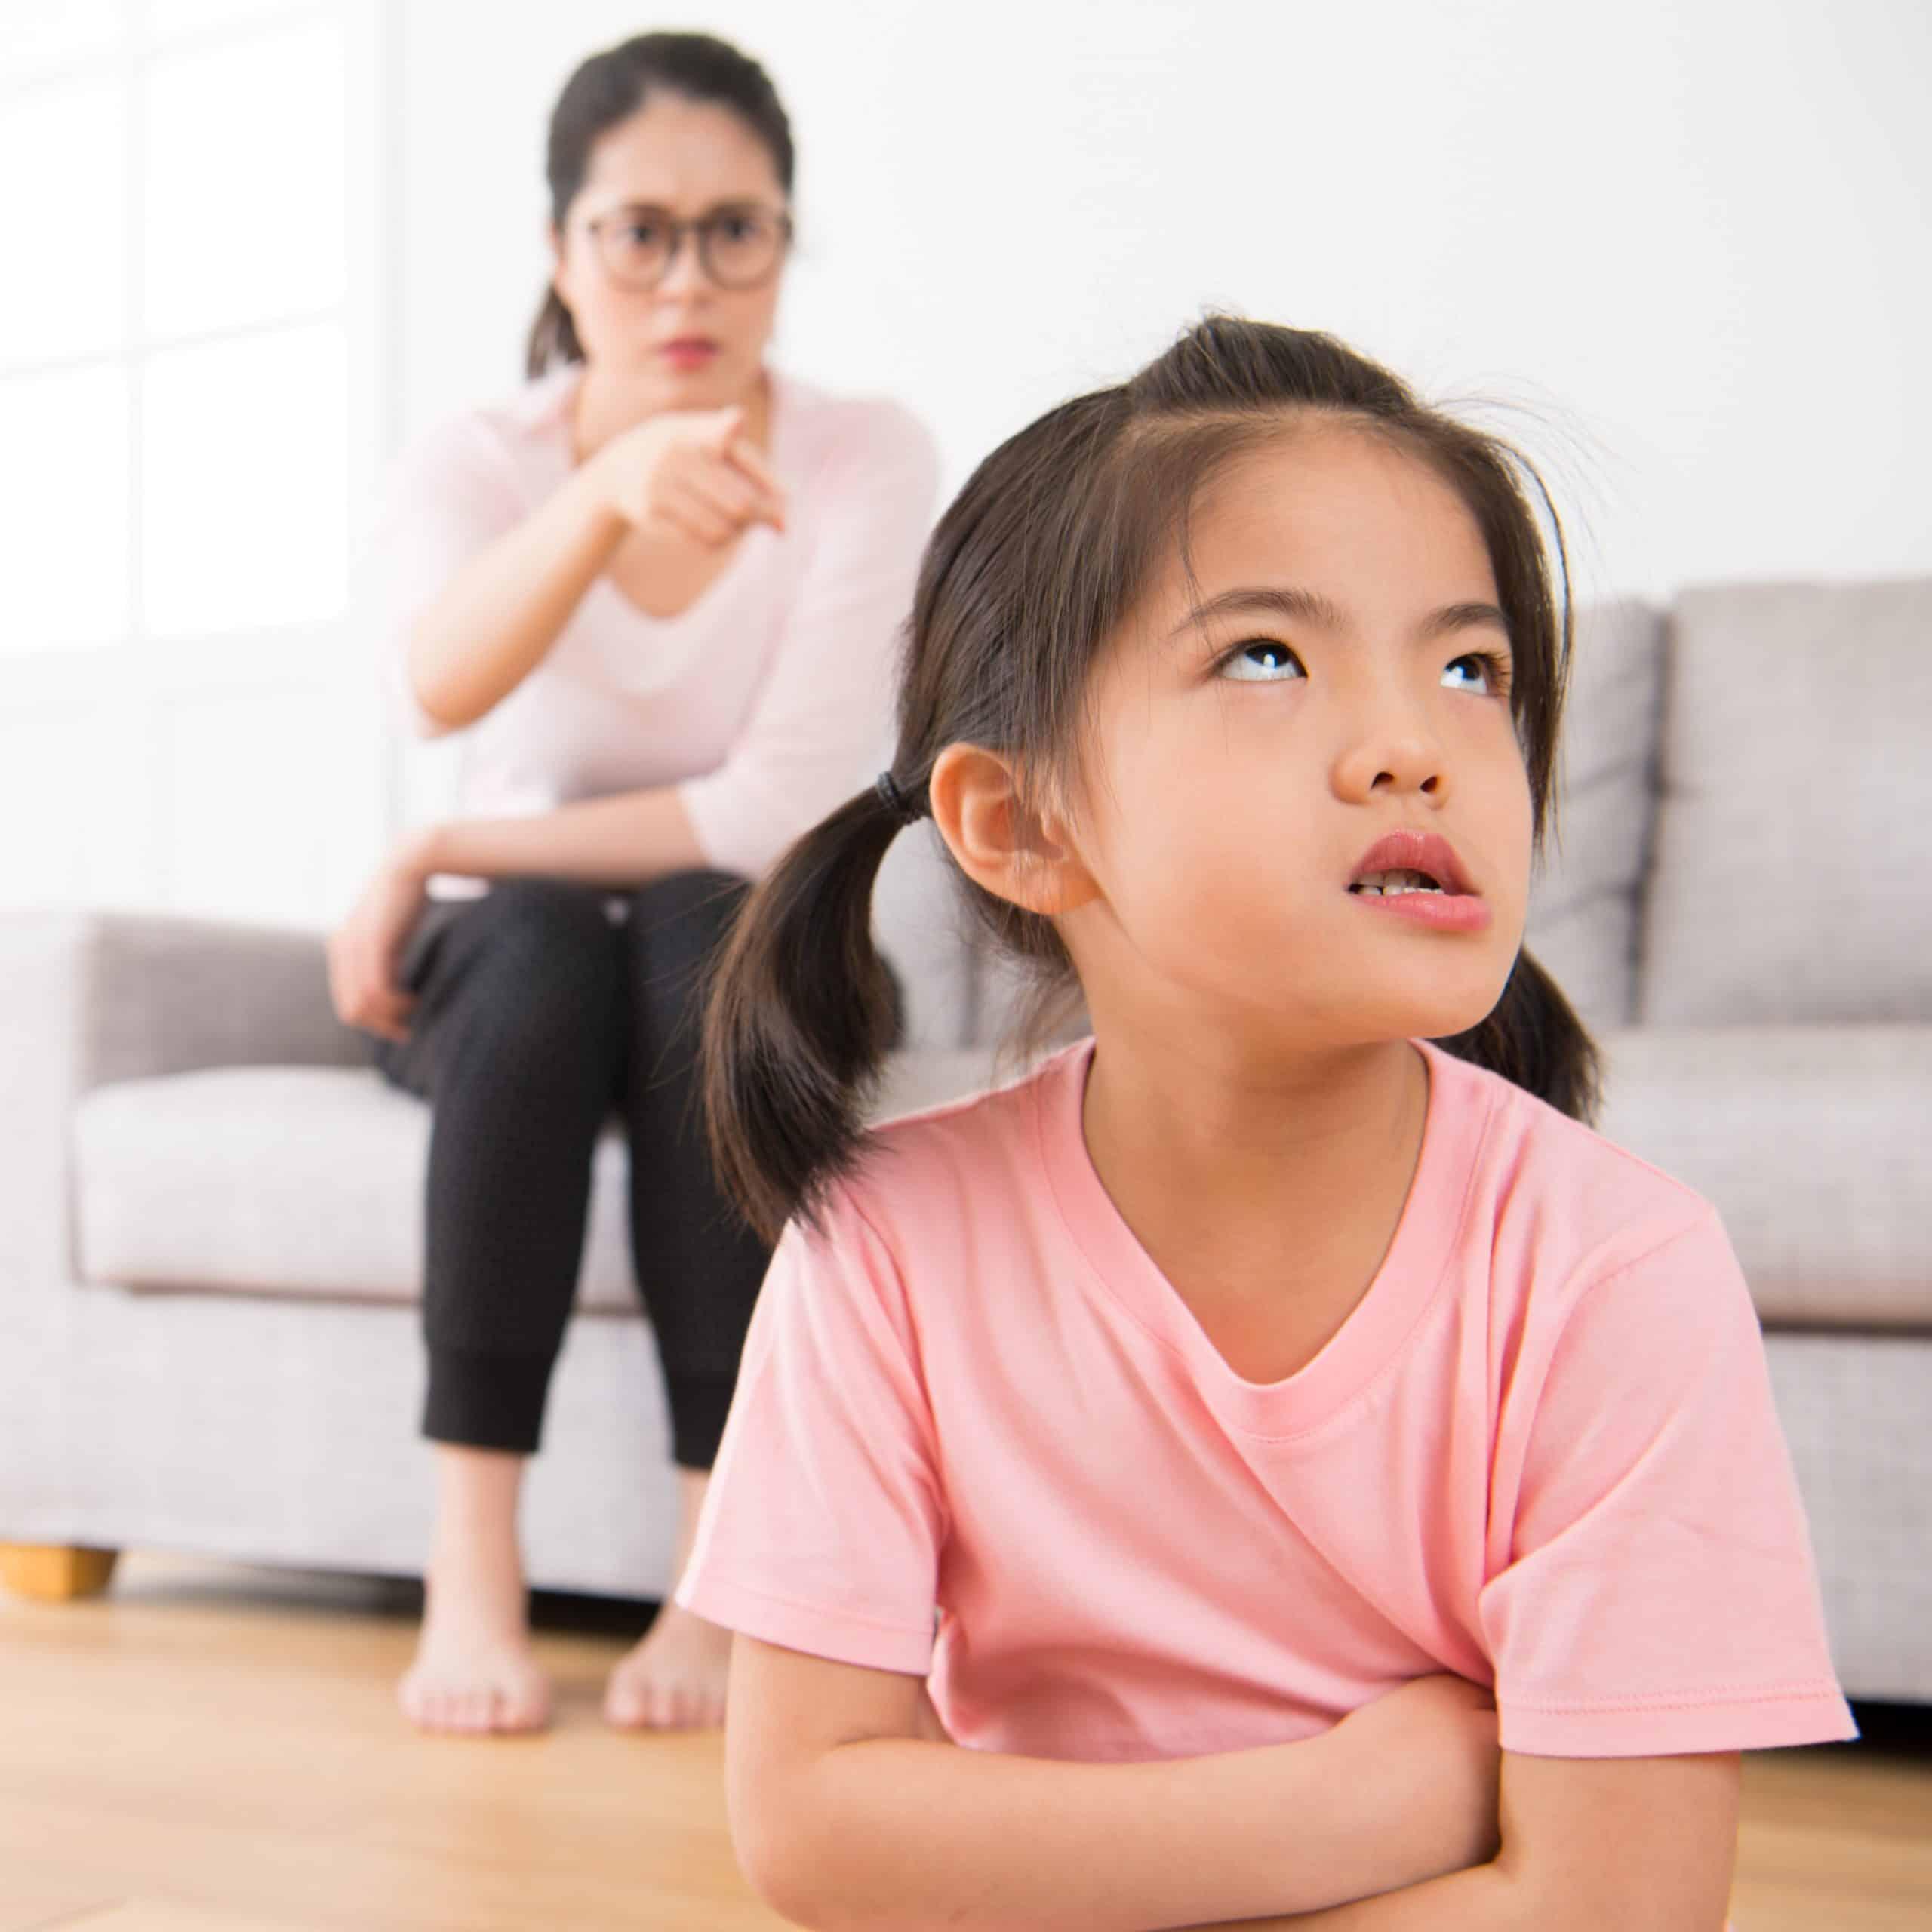 Wenn die Eltern gegen ihre eigenen Regeln verstoßen., ist es wichtig mit den Kinder darüber zu reden